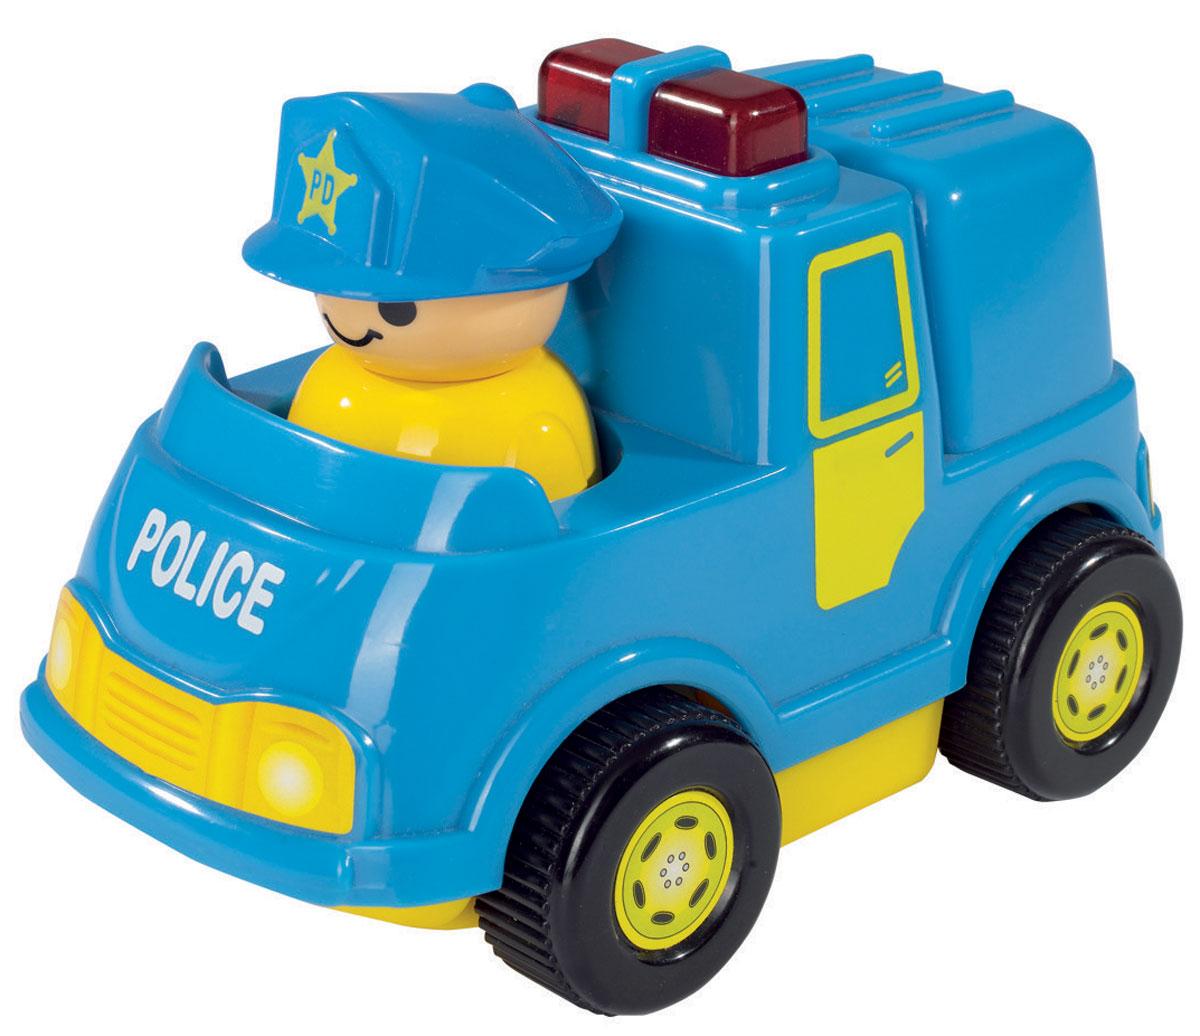 Simba Мини-машинка цвет голубой4019623_голубойОчаровательная мини-машинка Simba обязательно придется по душе вашему малышу. Игрушка представлена в виде яркой машинки с человечком в синей кепке. Машинка не имеет острых углов и мелких деталей и идеально подходит для детей от 12 месяцев. При нажатии на кнопку, находящуюся на кузове, машинка издает звуки сирены и мигает, а при движении фигурка человечка начинает покачиваться из стороны в сторону. Такая игрушка способствует развитию у малыша тактильных ощущений, мелкой моторики рук и координации движений. Рекомендуется докупить 2 батарейки напряжением 1,5V типа АА (товар комплектуется демонстрационными).